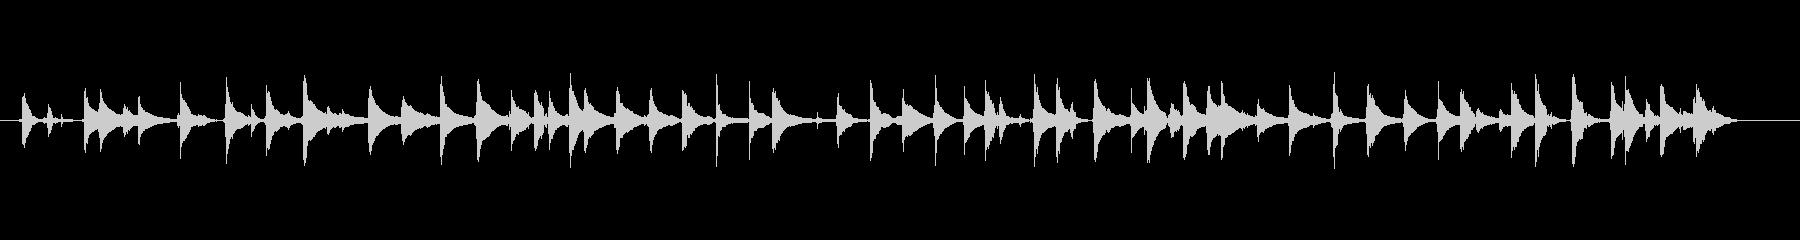 三味線107練習風景爪弾き間がいいソングの未再生の波形